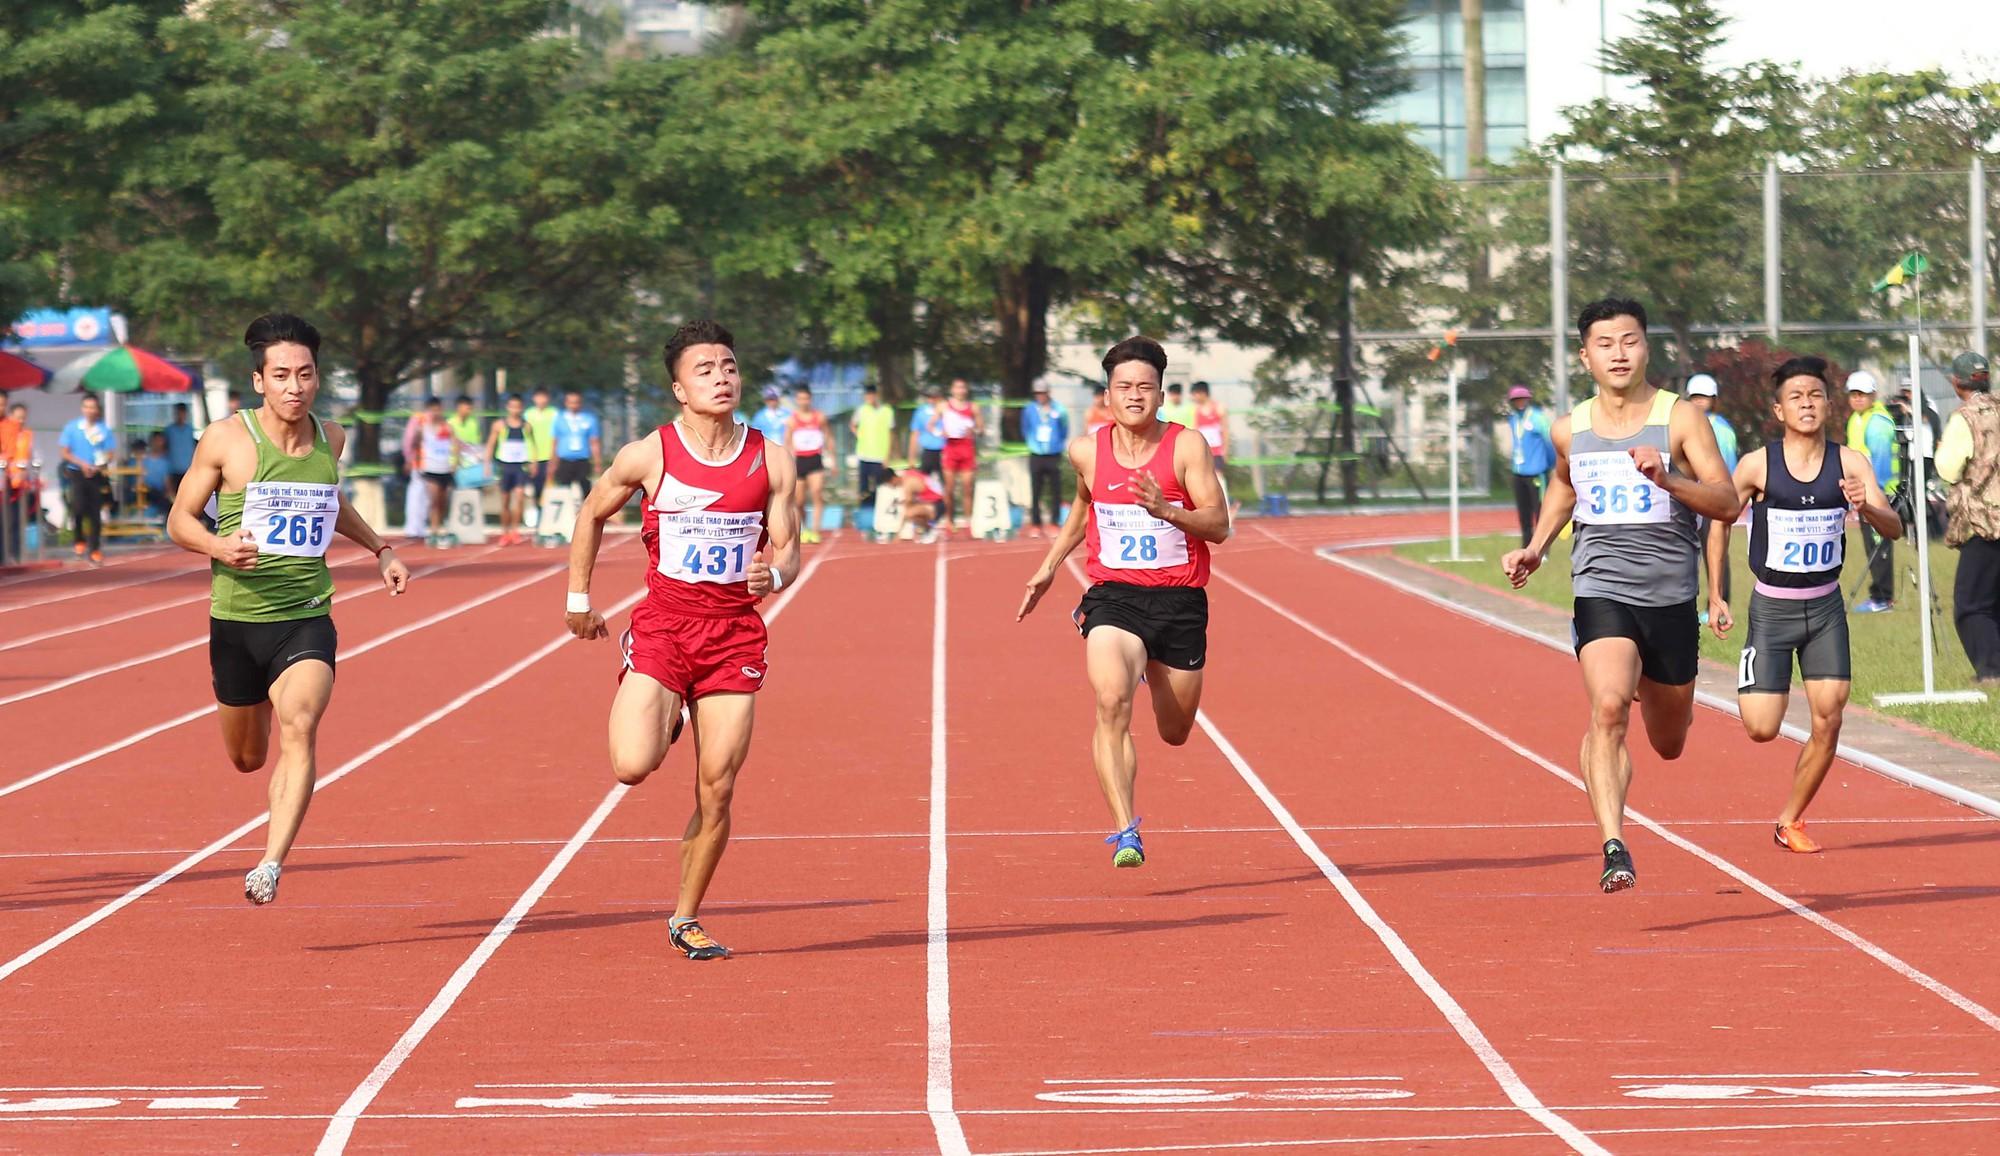 ĐH8: Ngần Ngọc Nghĩa (CAND) tỏa sáng trên đường chạy 100m - Ảnh 3.